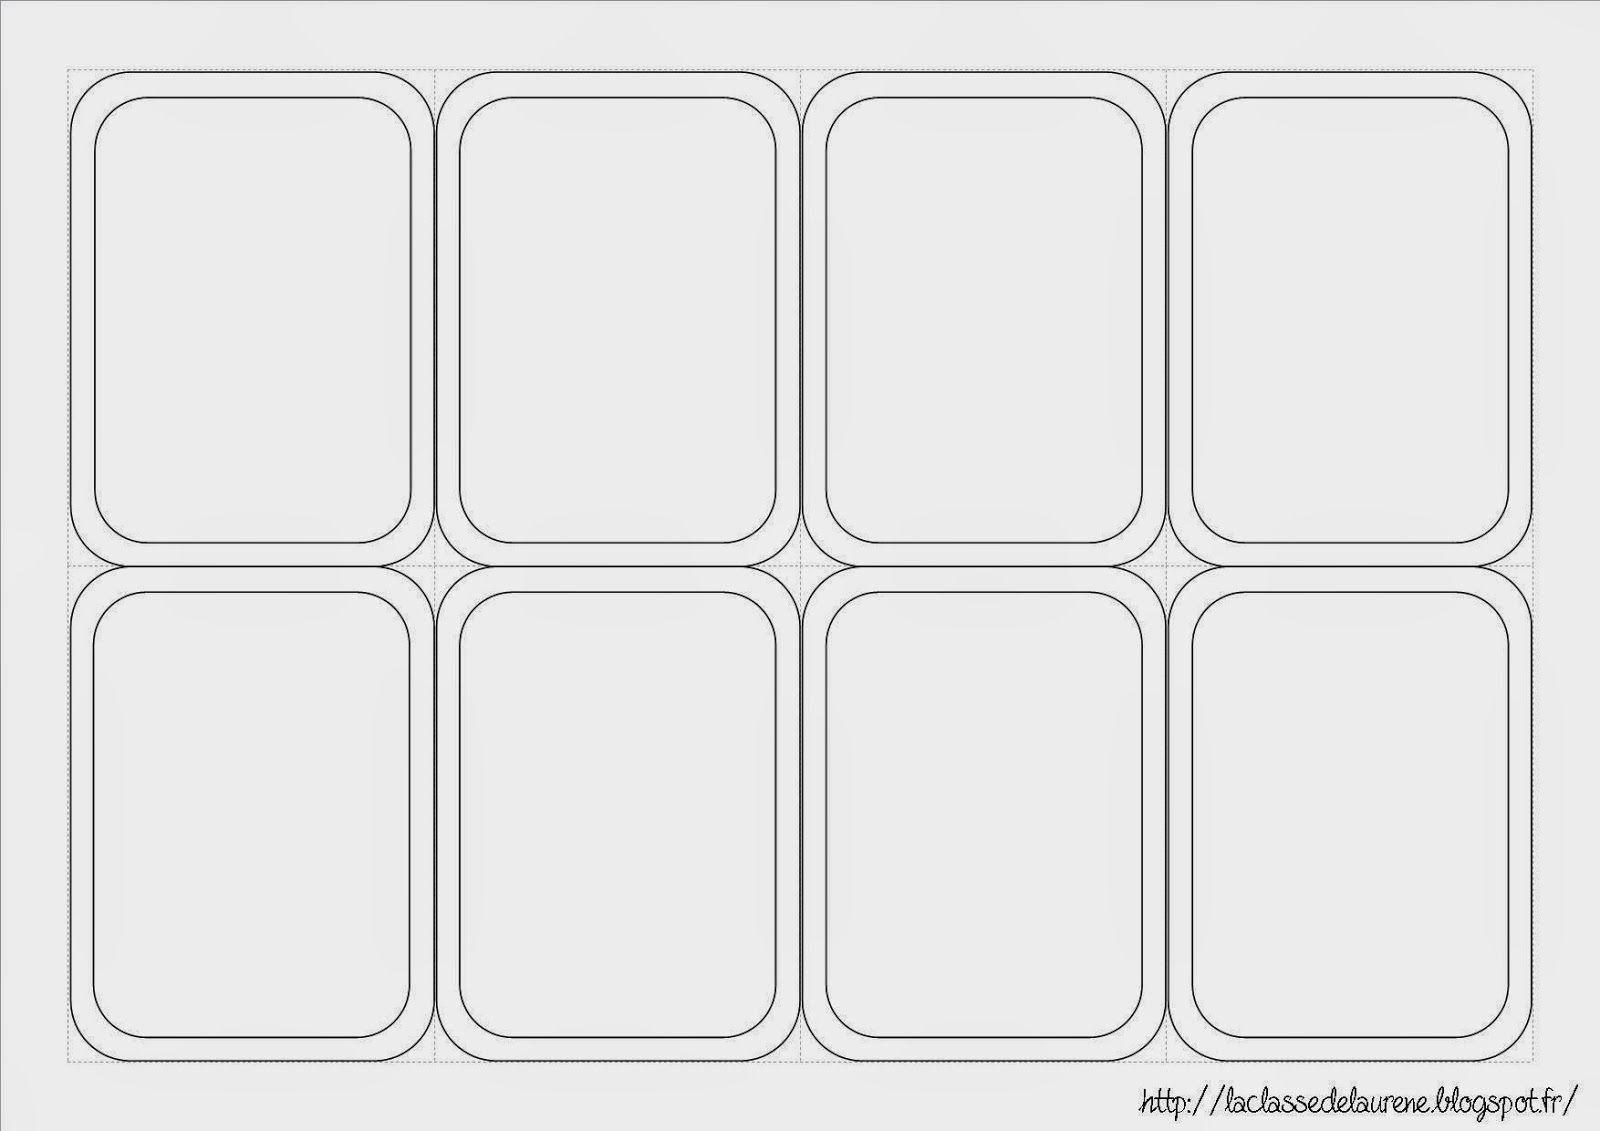 Super Imagier | Carte De Jeux À Imprimer, Carte Vierge concernant Carte Vierge À Imprimer